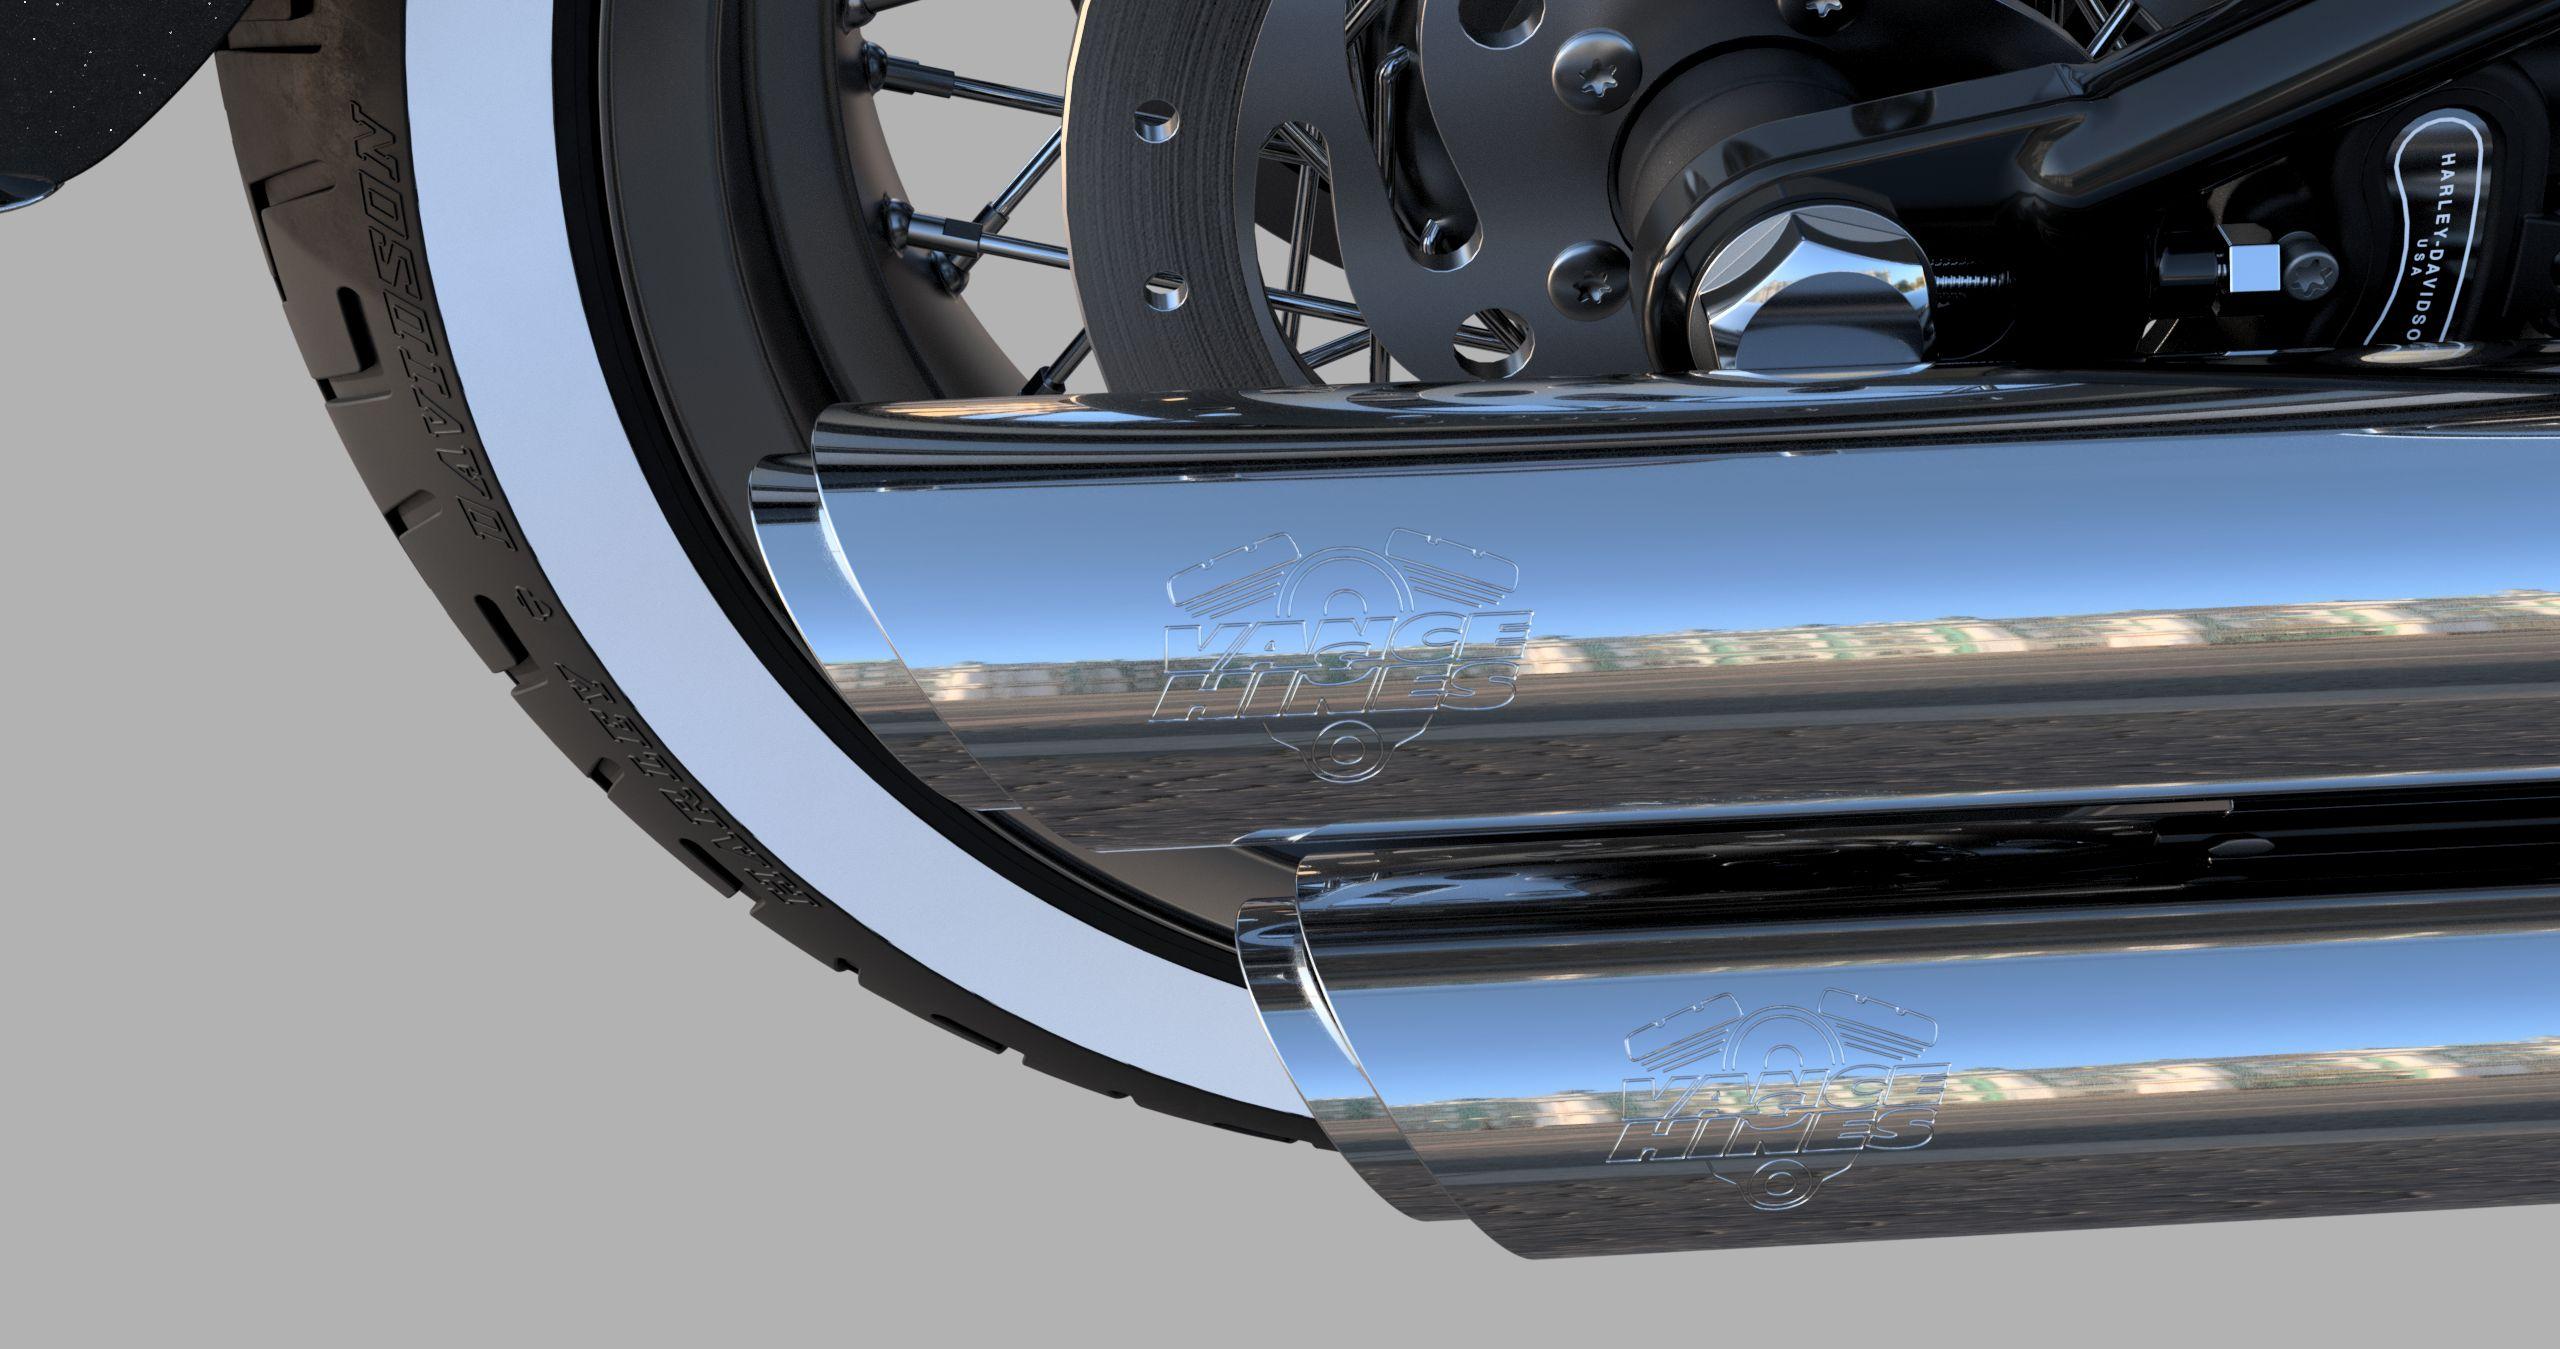 Harley-heritage-vanceandhines-3500-3500